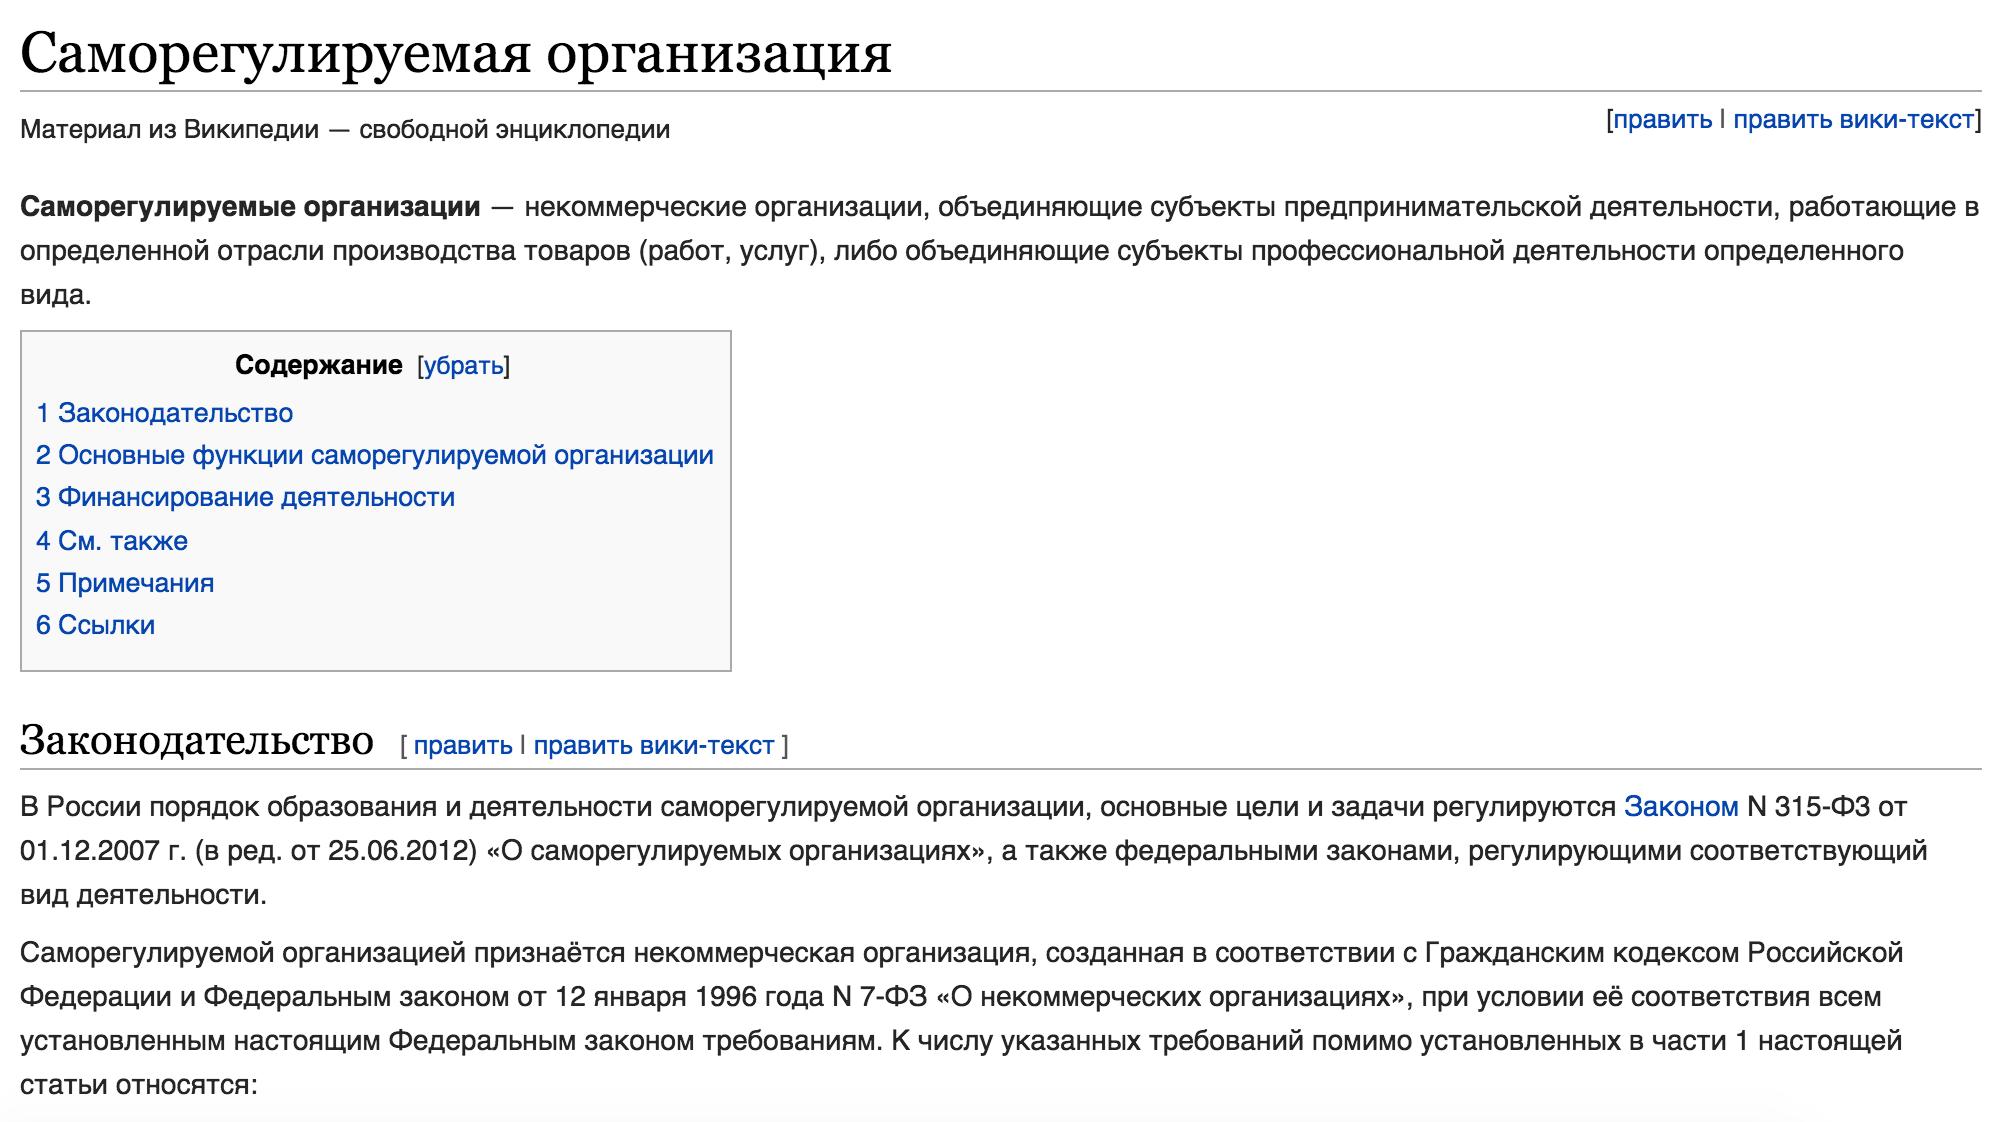 СРО википедия